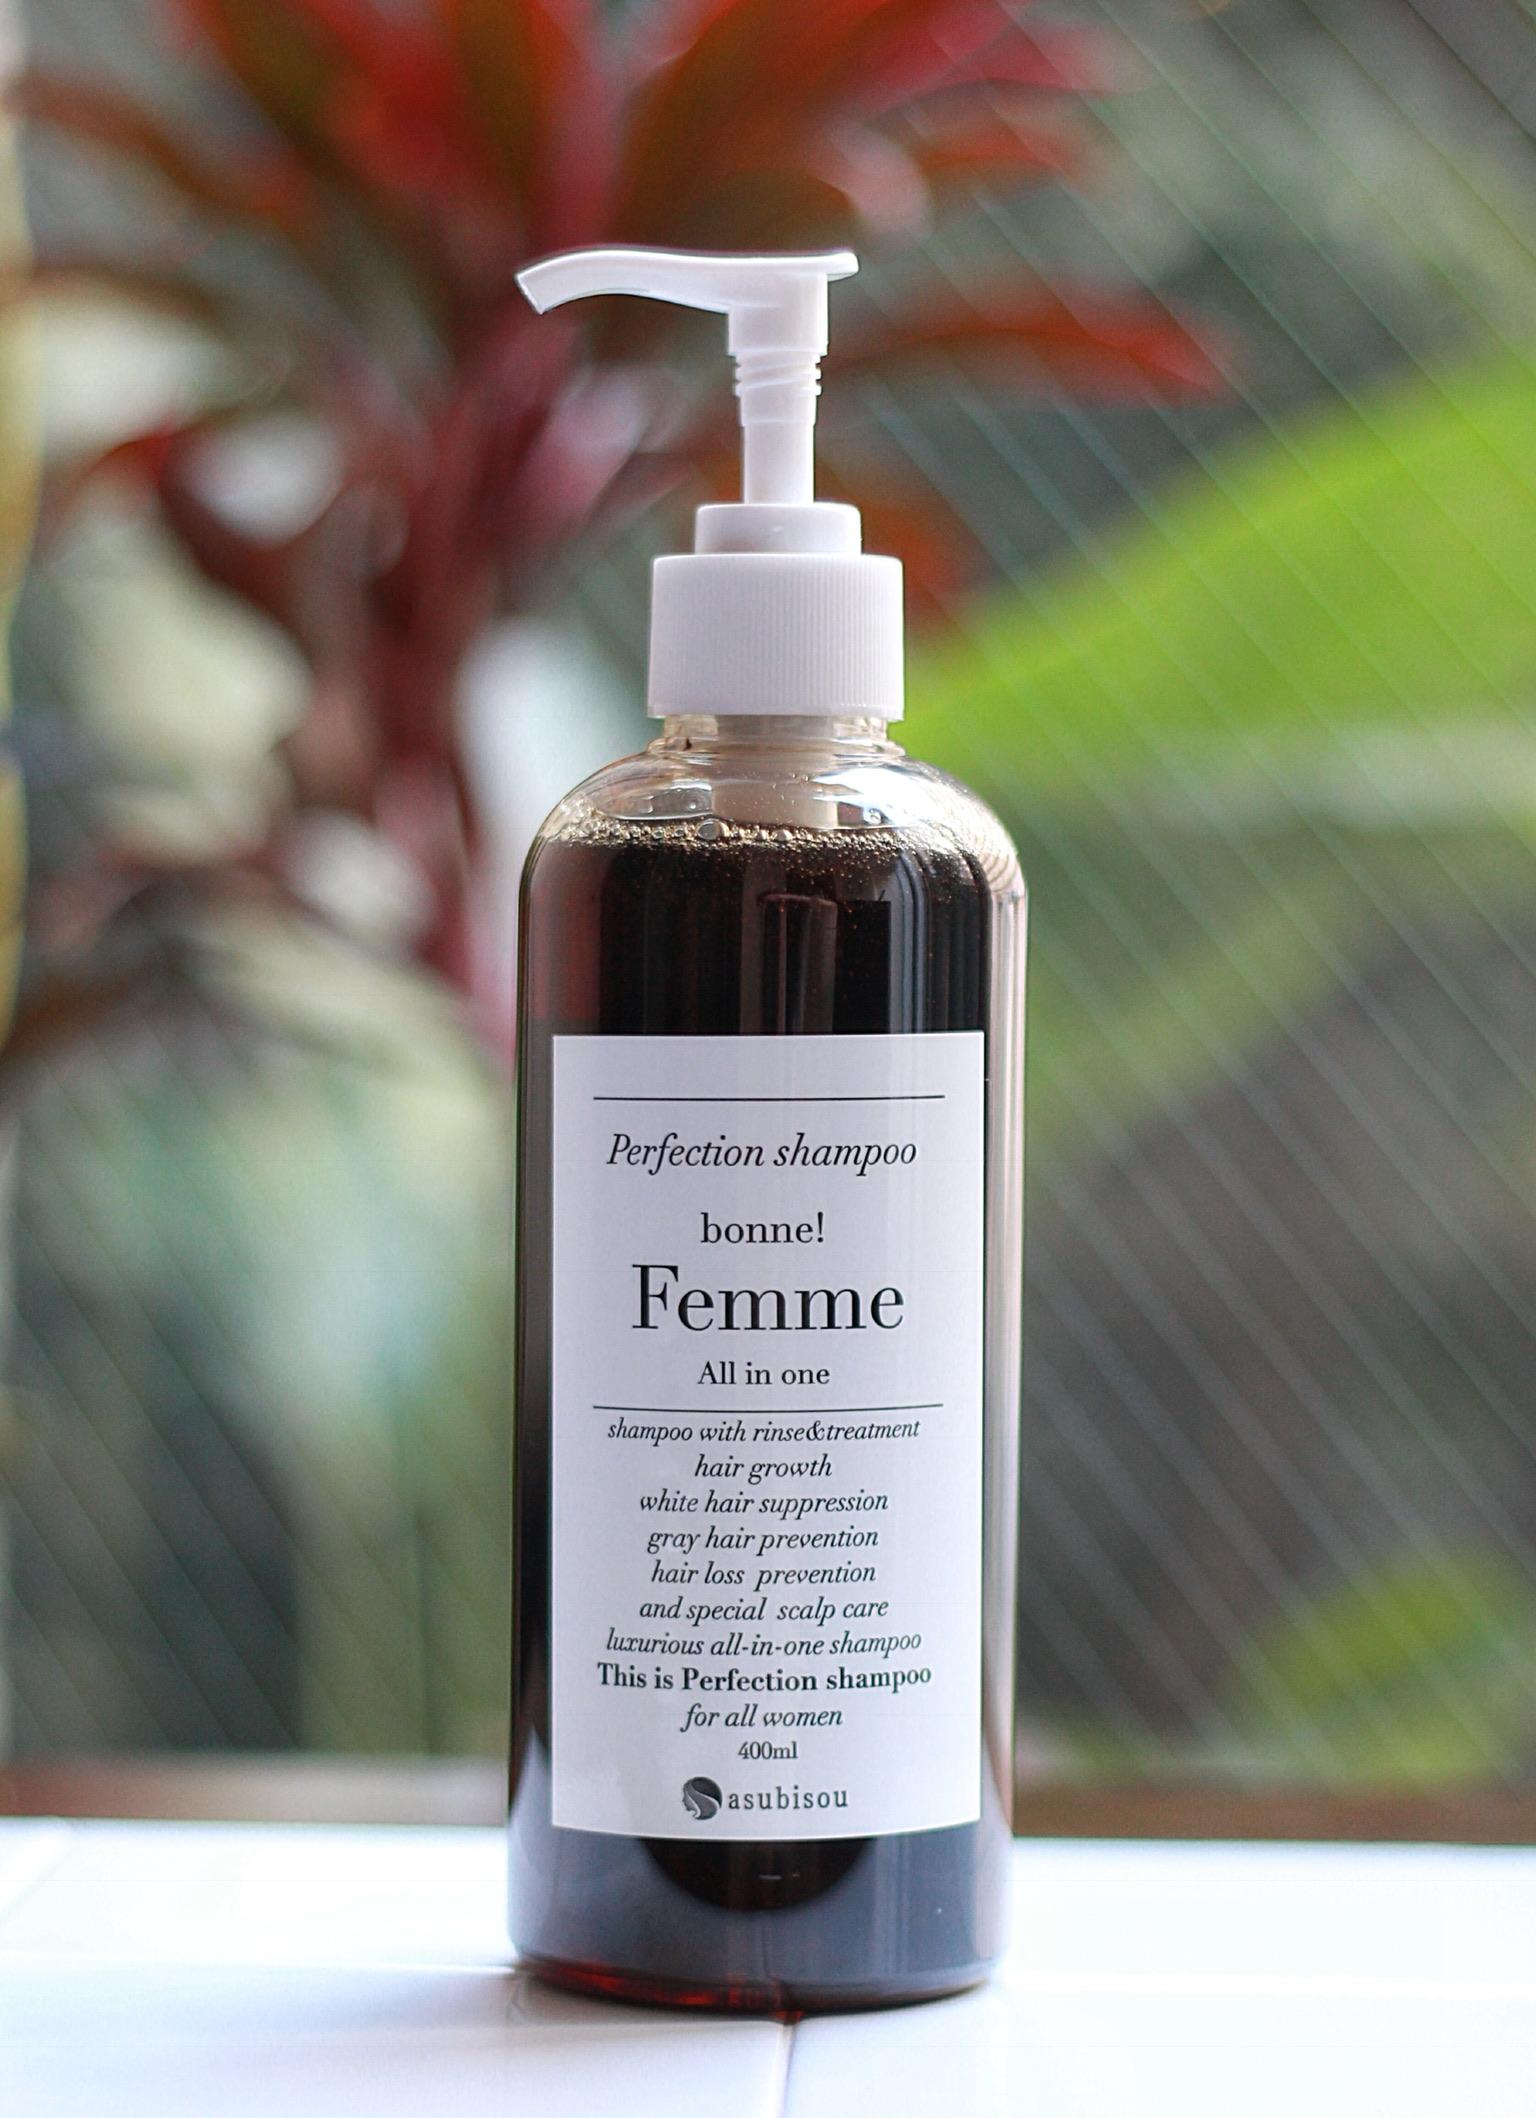 産後脱毛に悩む女性のために作られたシャンプー「ボンファム」。健康で豊かな髪に導きます。